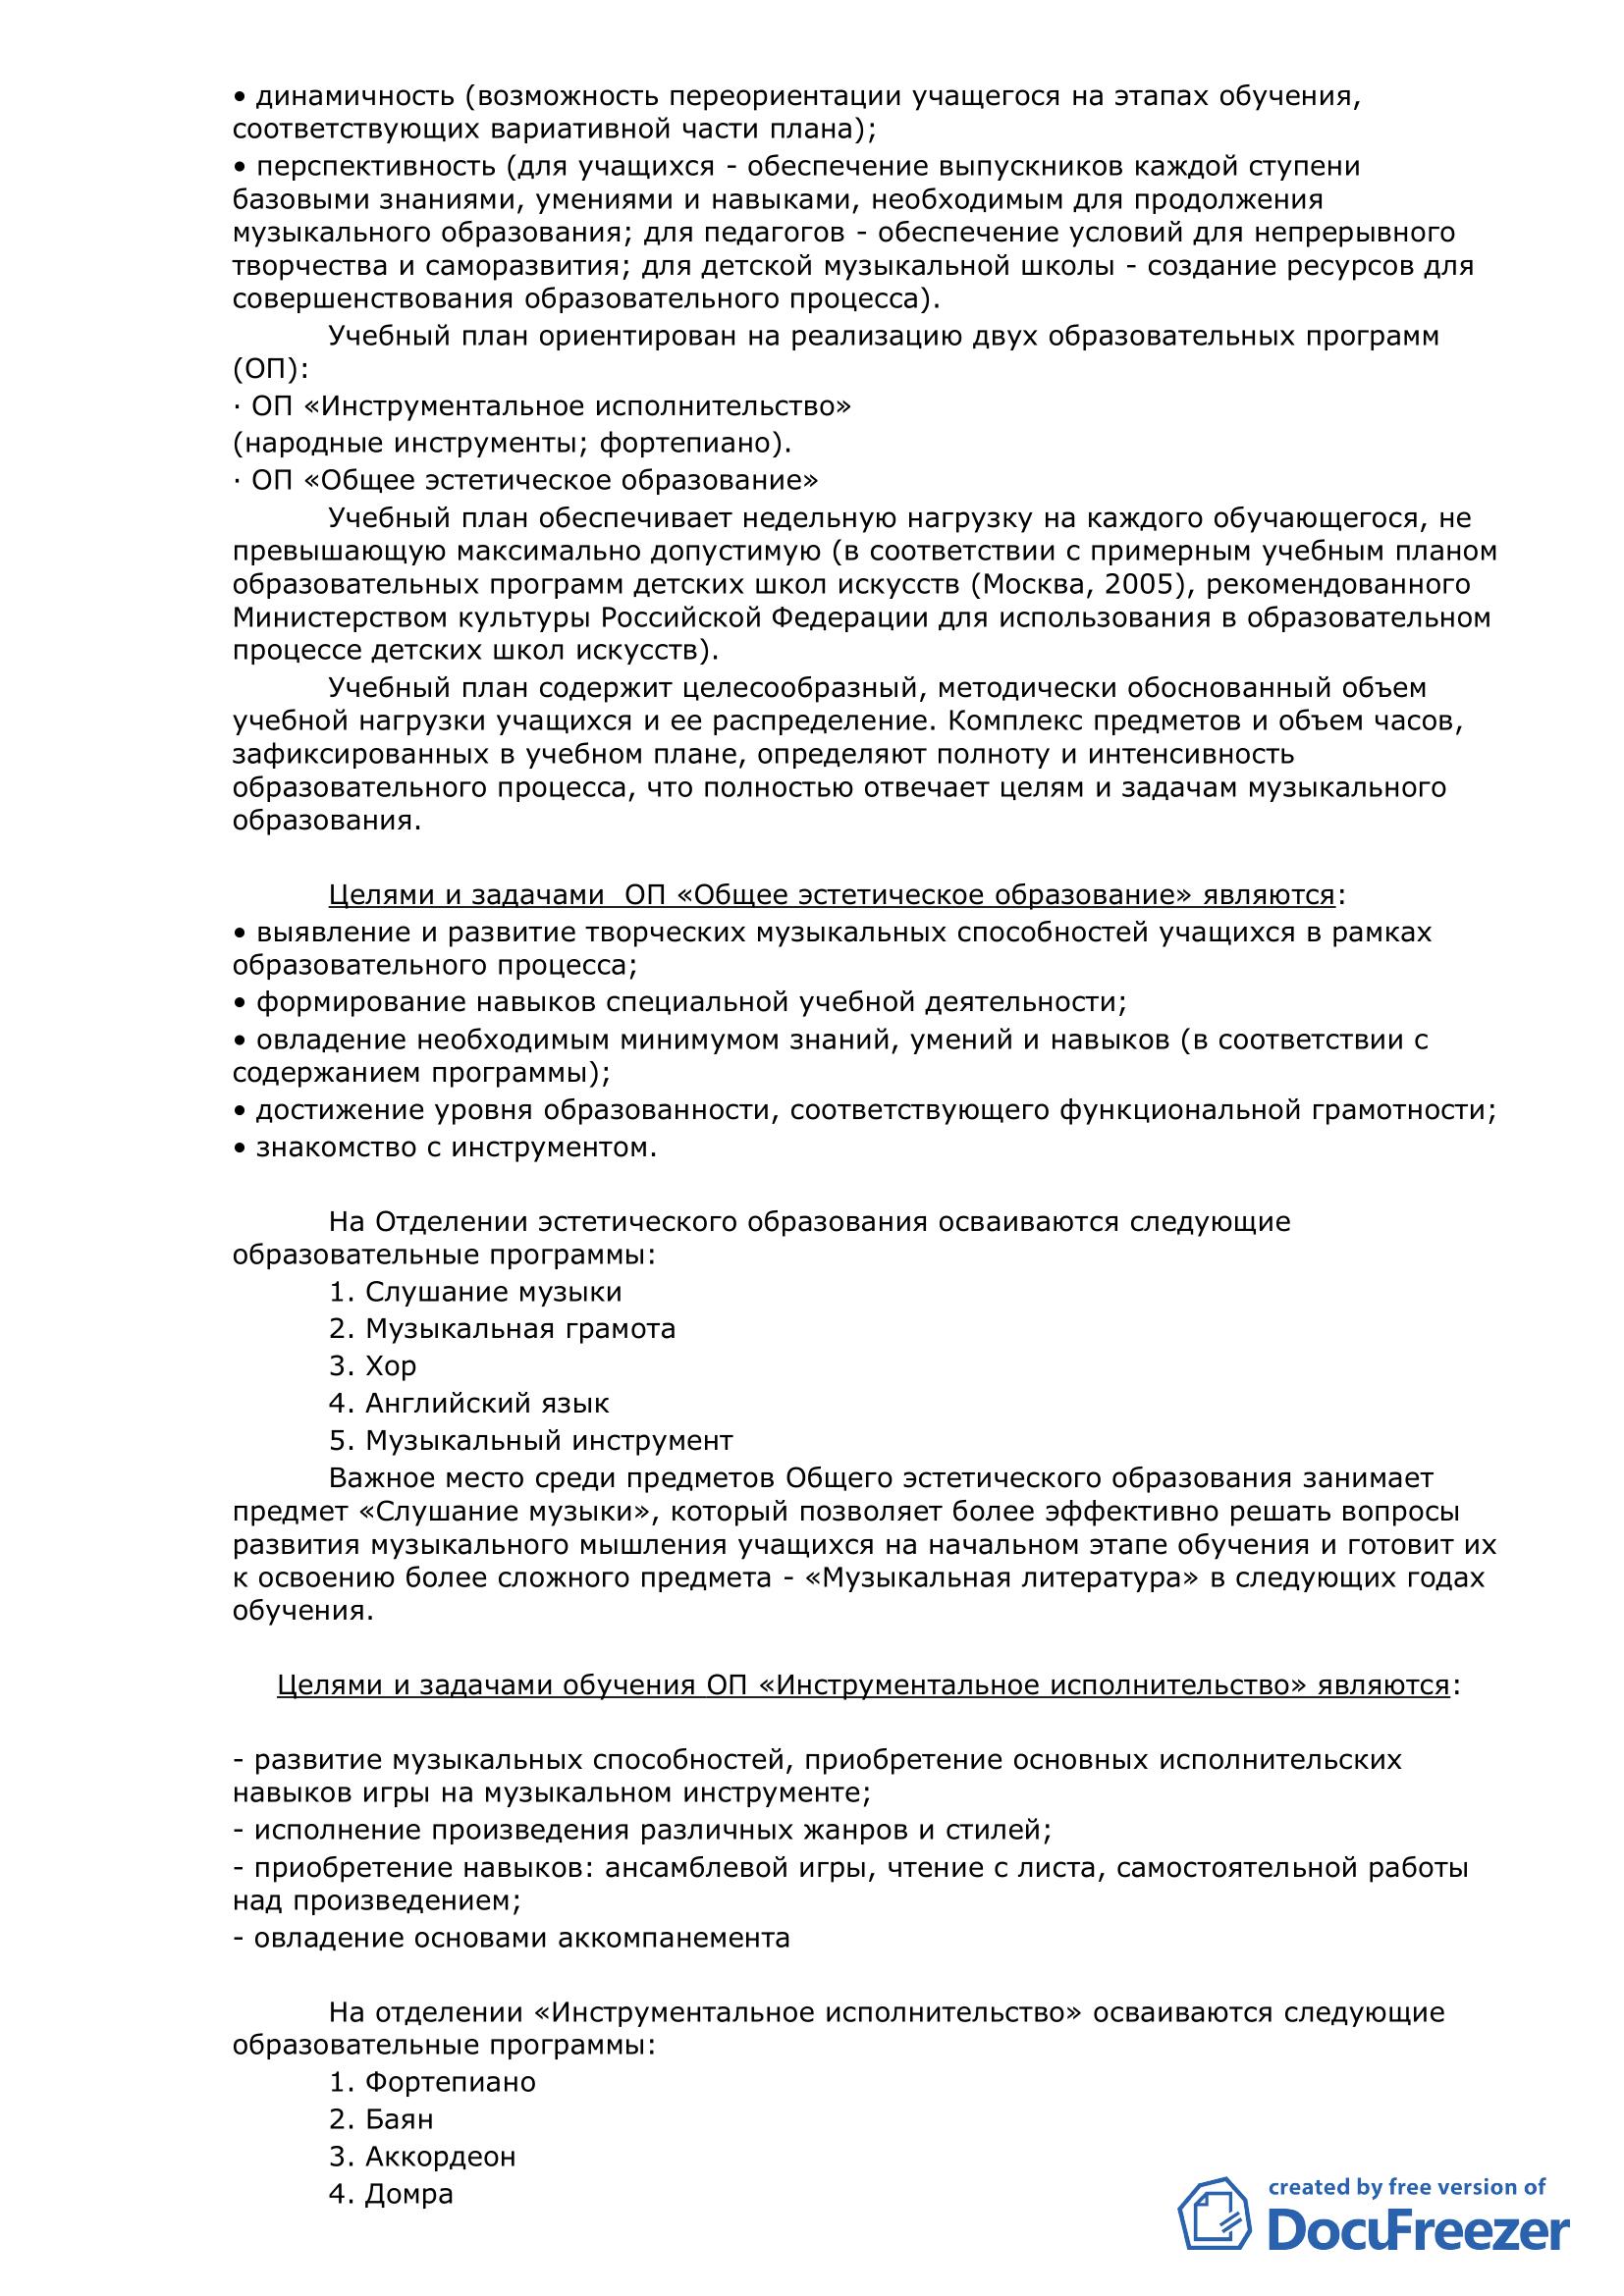 Образовательная программа ДМШ №2_6